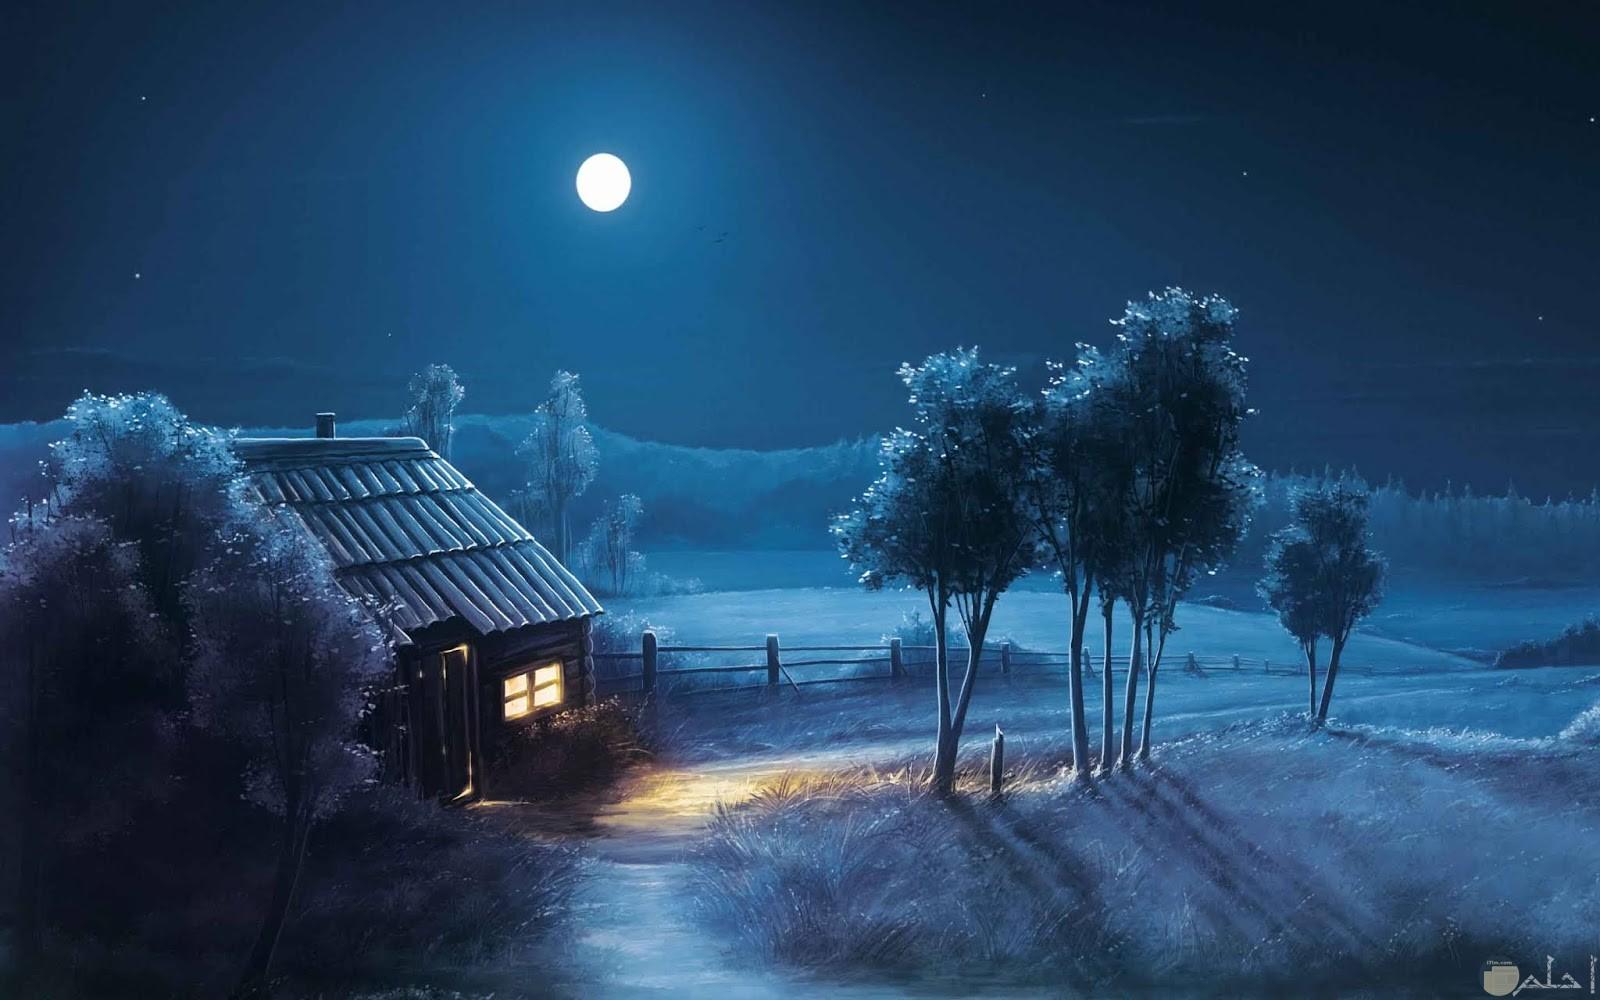 اجواء الليل المميزة.